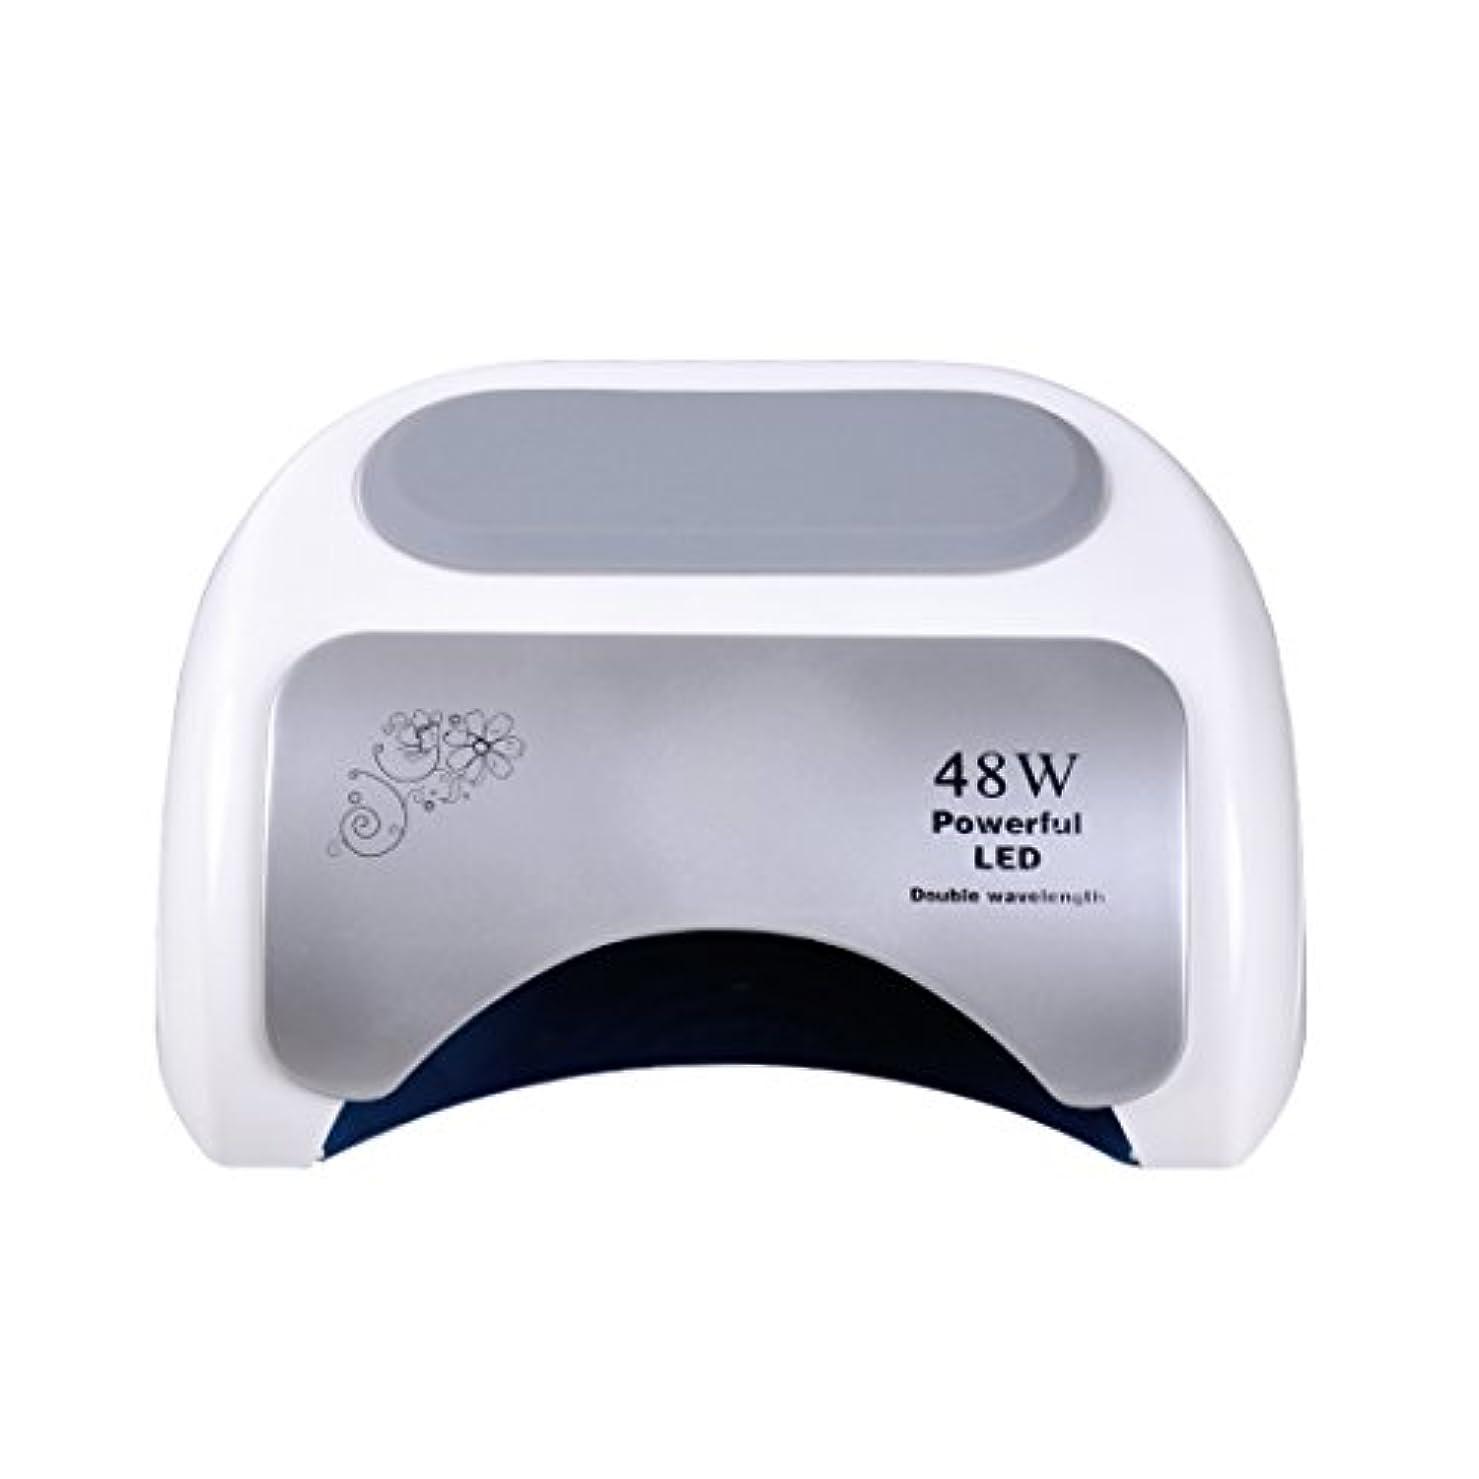 受け入れ感嘆符期待Nananail 48Wネイルドライヤー CCFL+ LEDネイルランプ 時間設定10s/30s/60s 速乾性 自動センサー付き